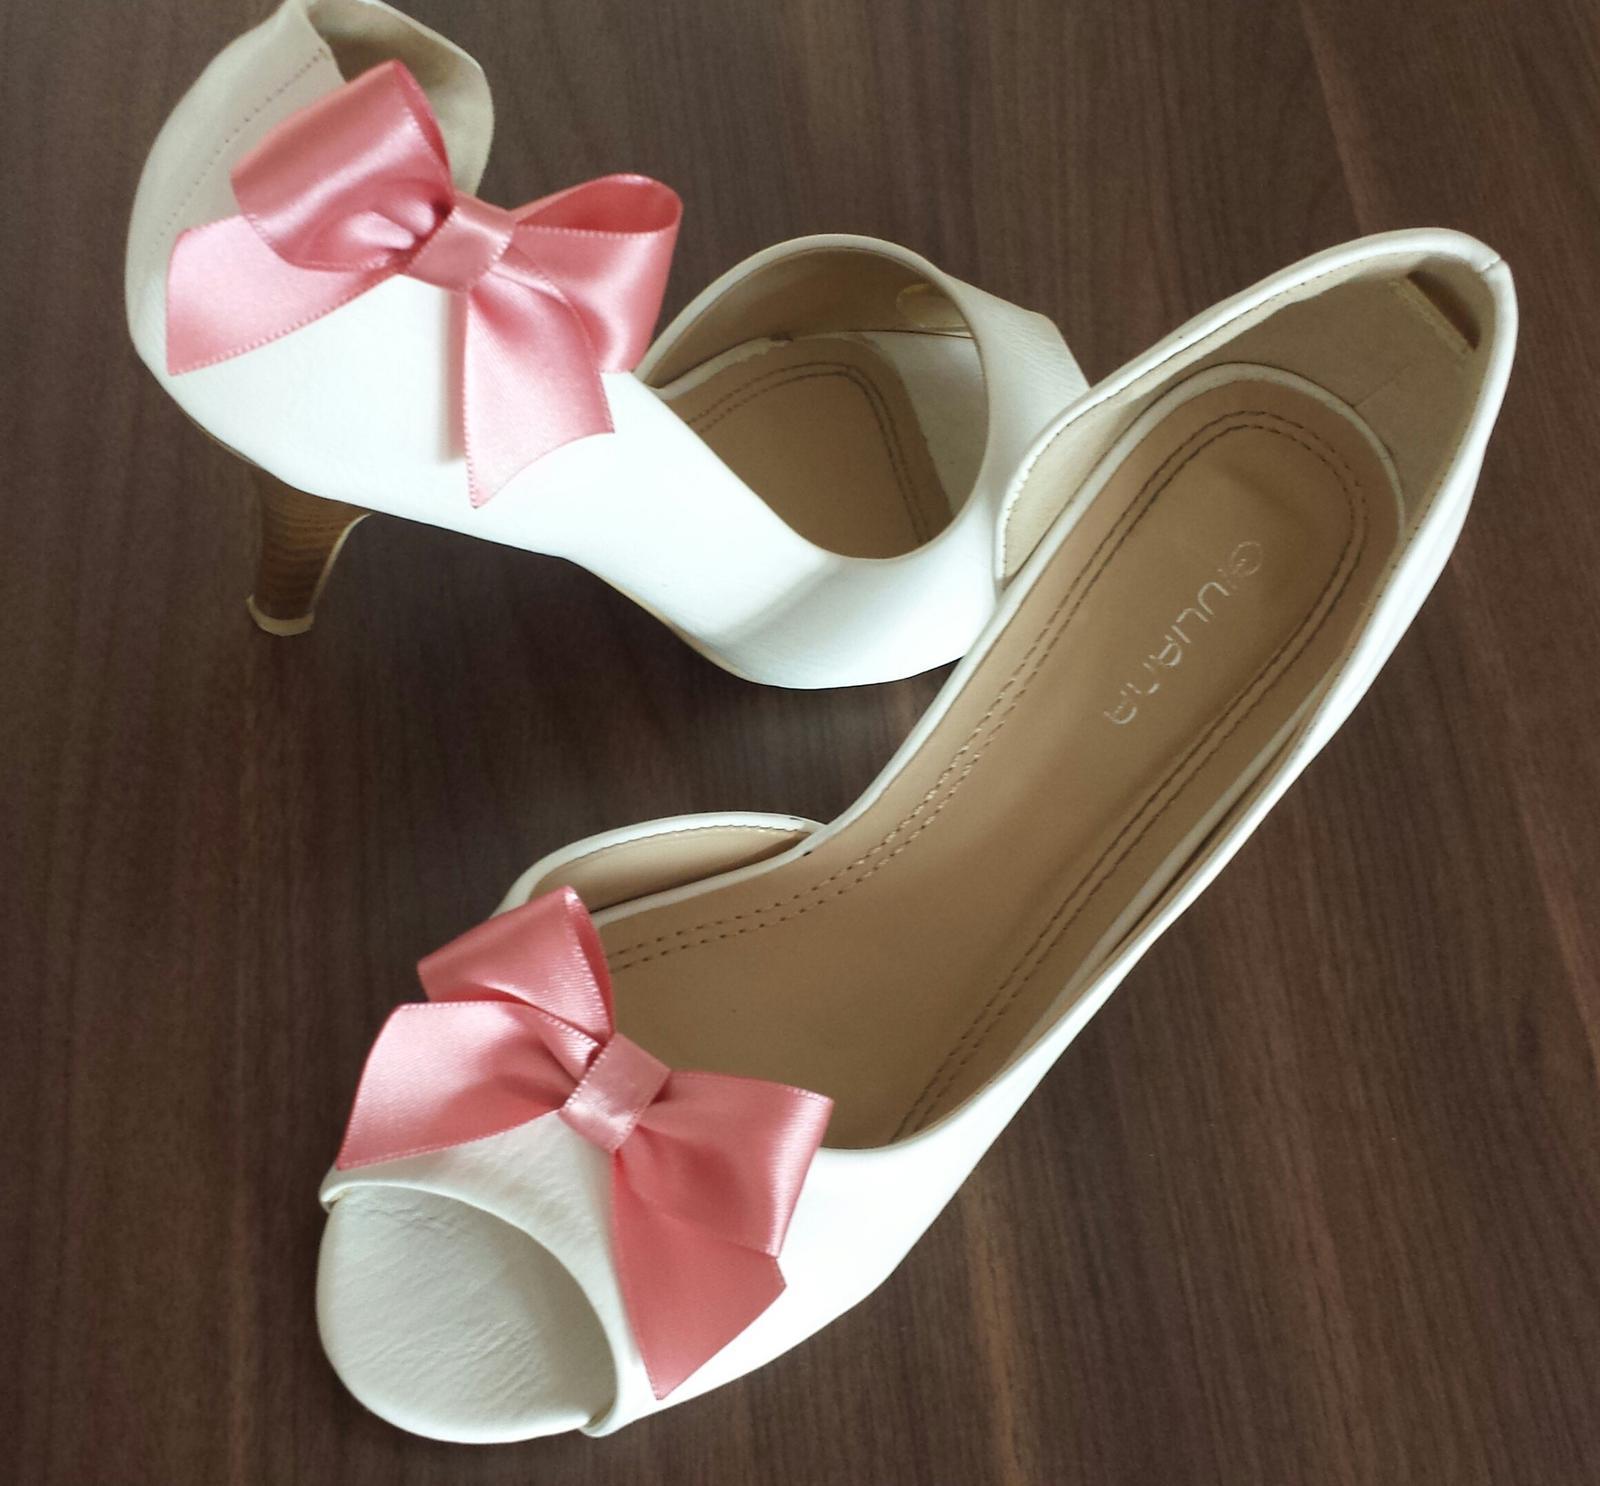 Klipy na boty se starorůžovou mašličkou - Obrázek č. 1